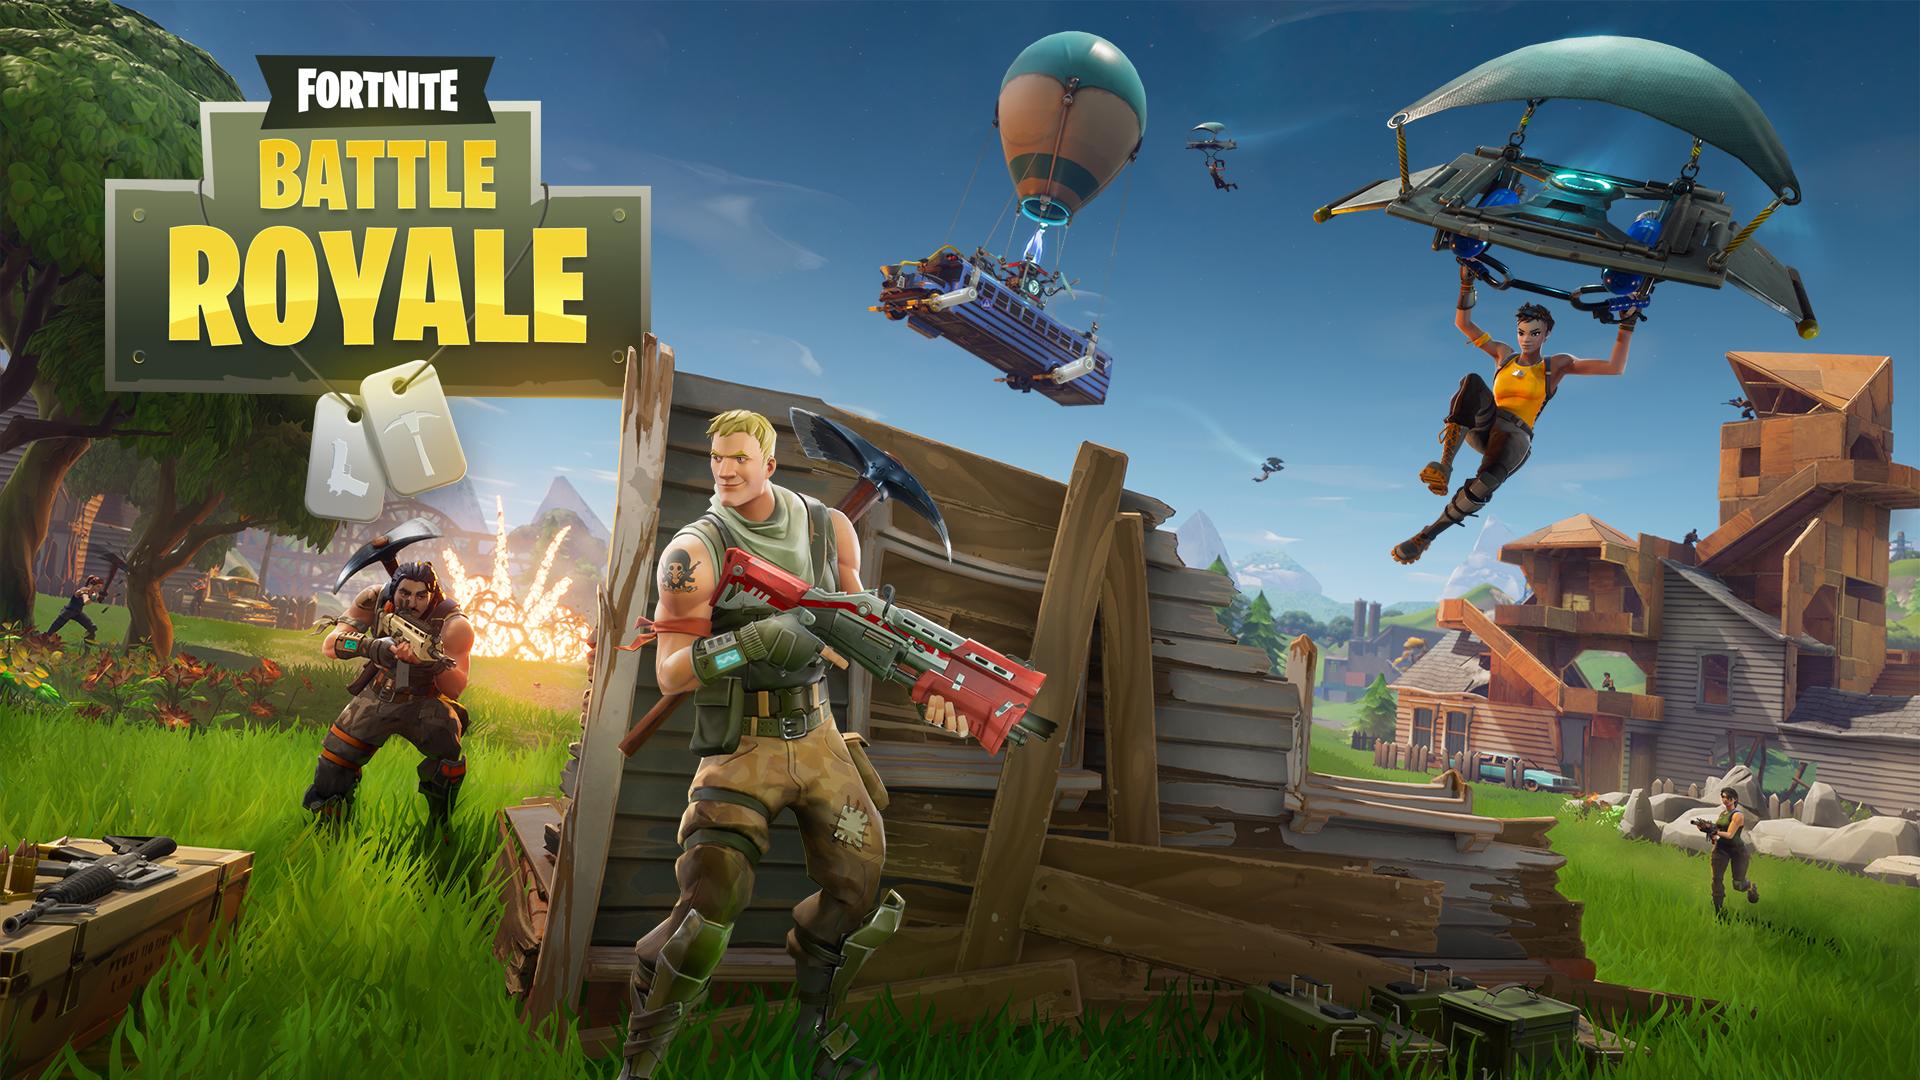 Rumor: Um insider diz que Fortnite Battle Royale será lançado, porém um há controvérsias